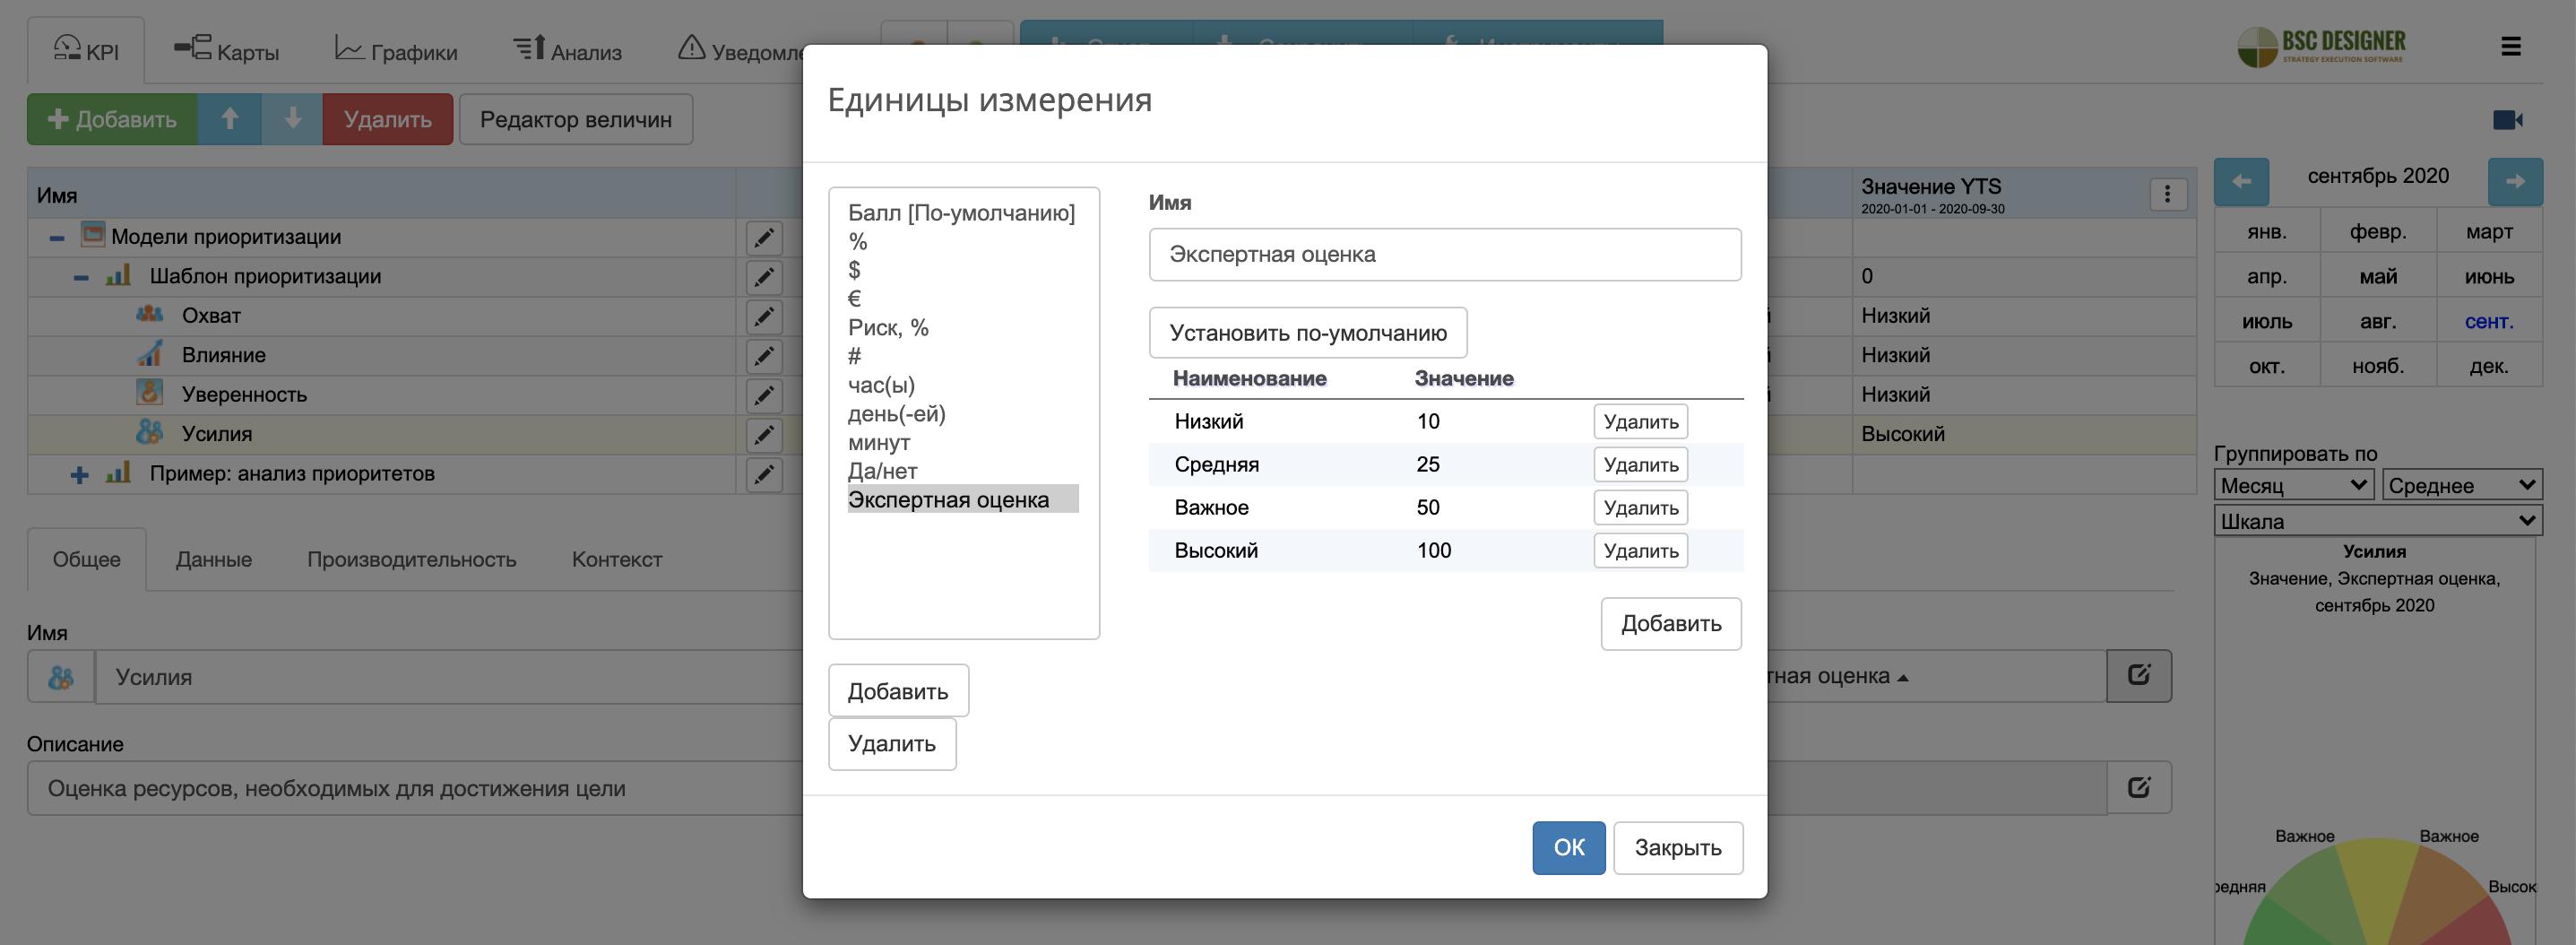 Единицы измерения экспертной оценки в BSC Designer